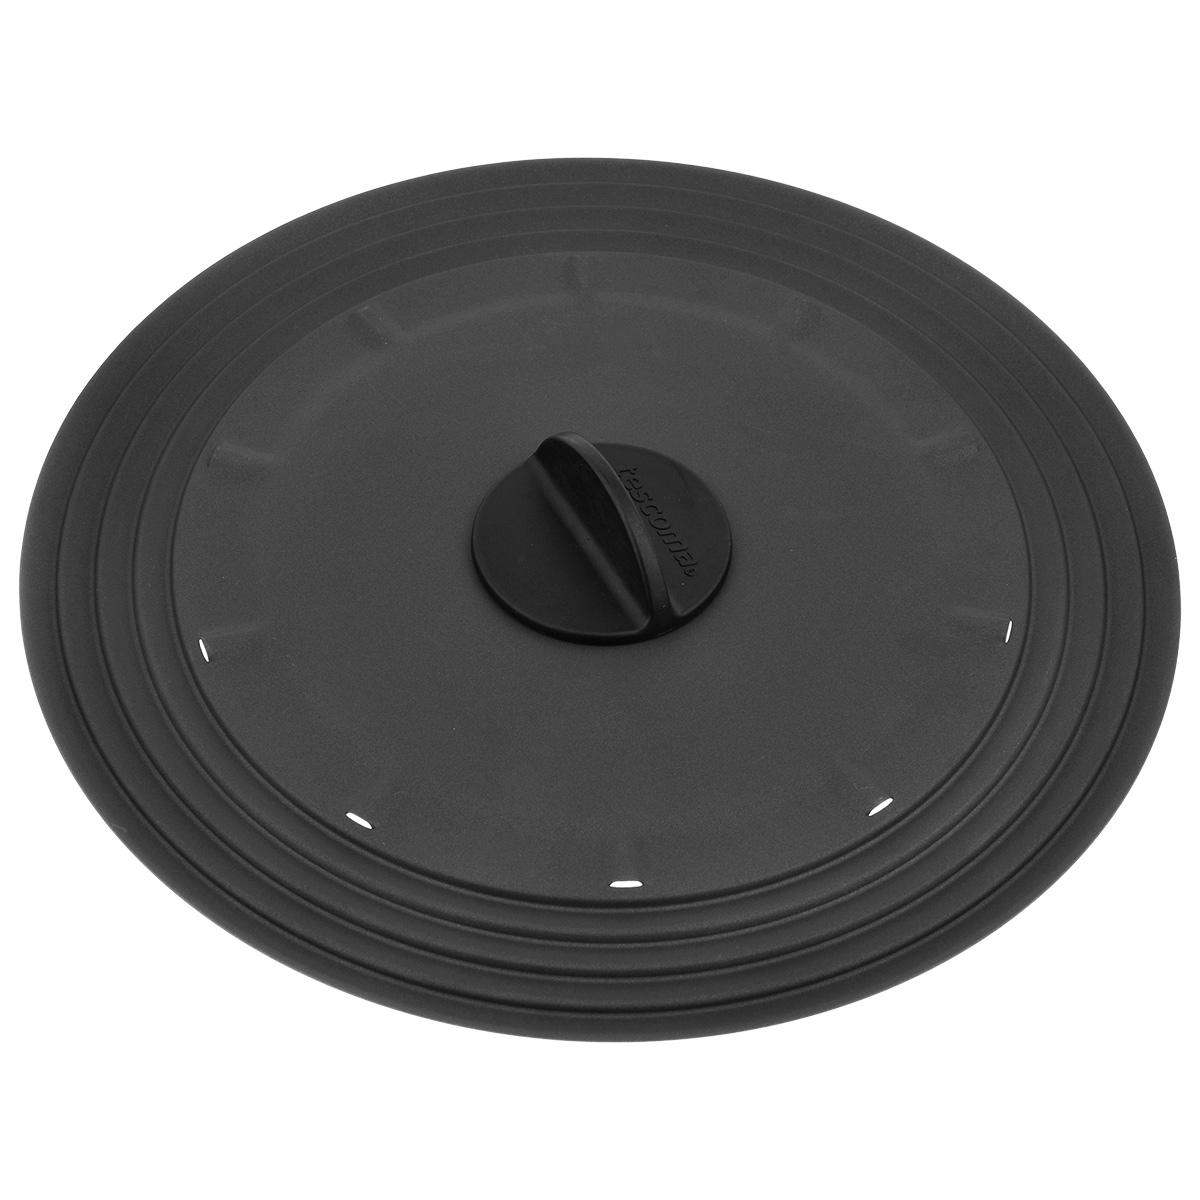 Крышка универсальная Tescoma Presto, для сковородок диаметром 26-30 см сковорода tescoma presto с антипригарным покрытием диаметр 20 см